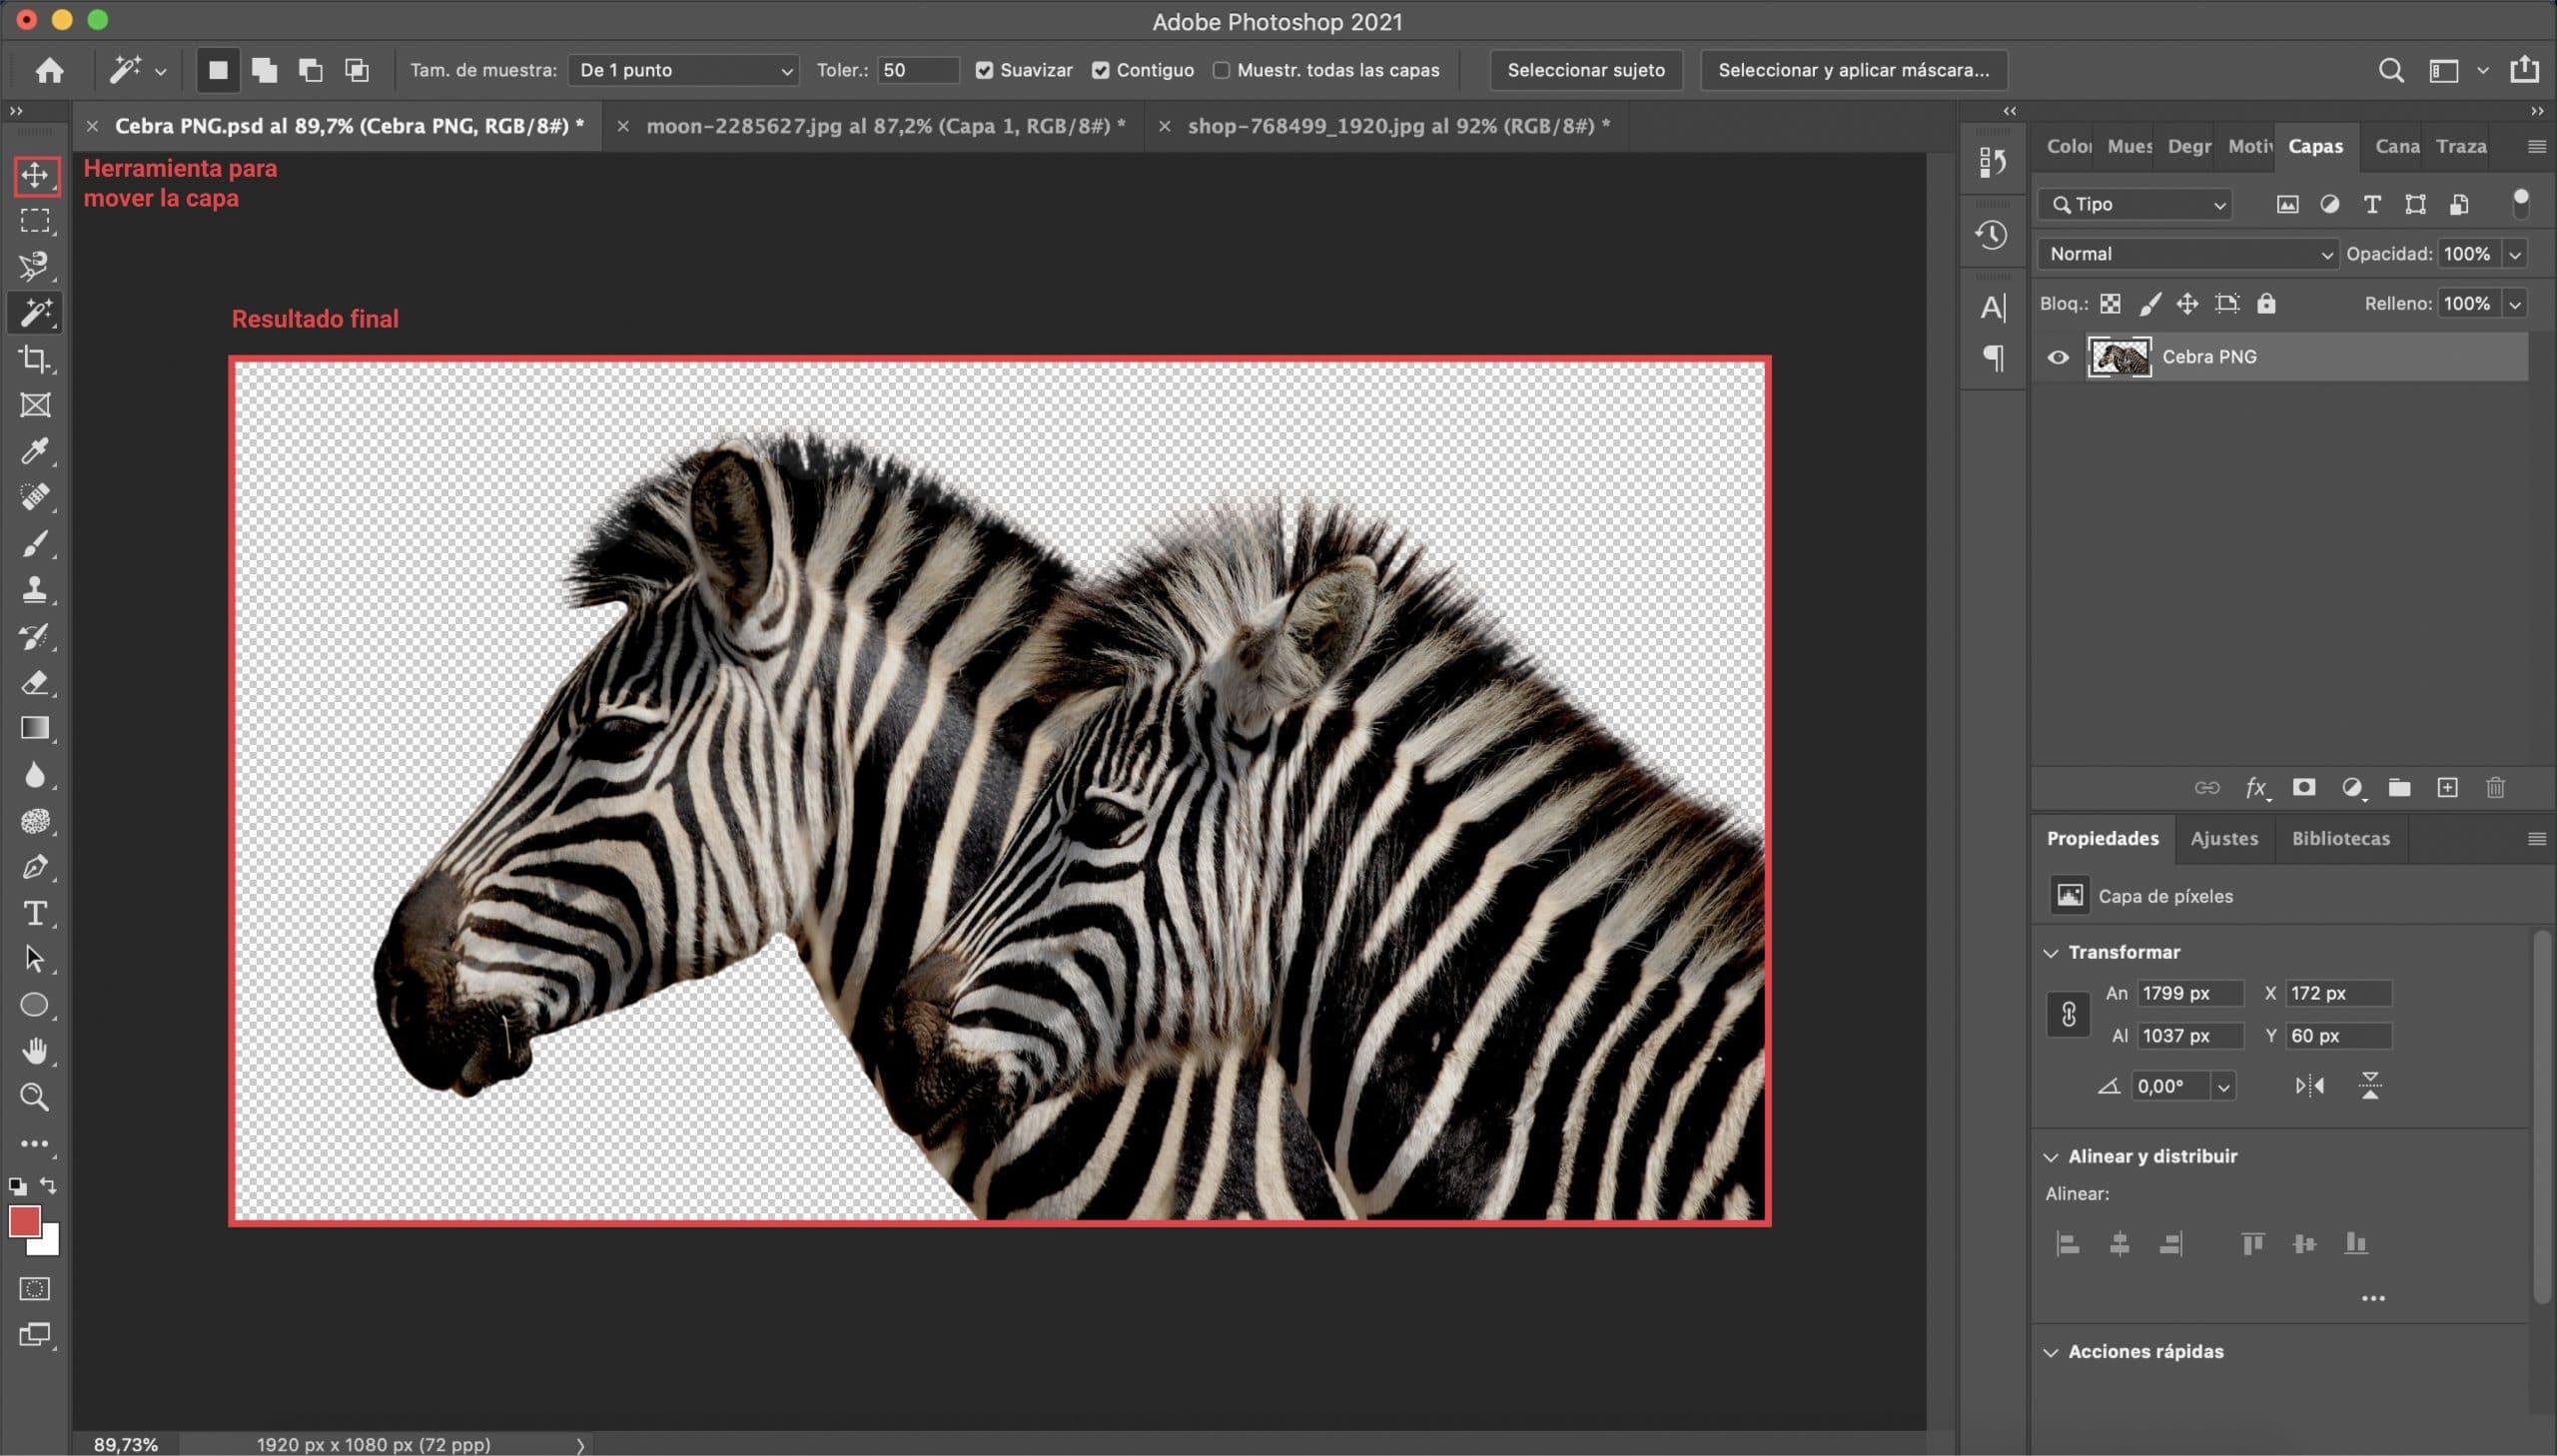 Resultado final de la imagen PNG creada con Photoshop